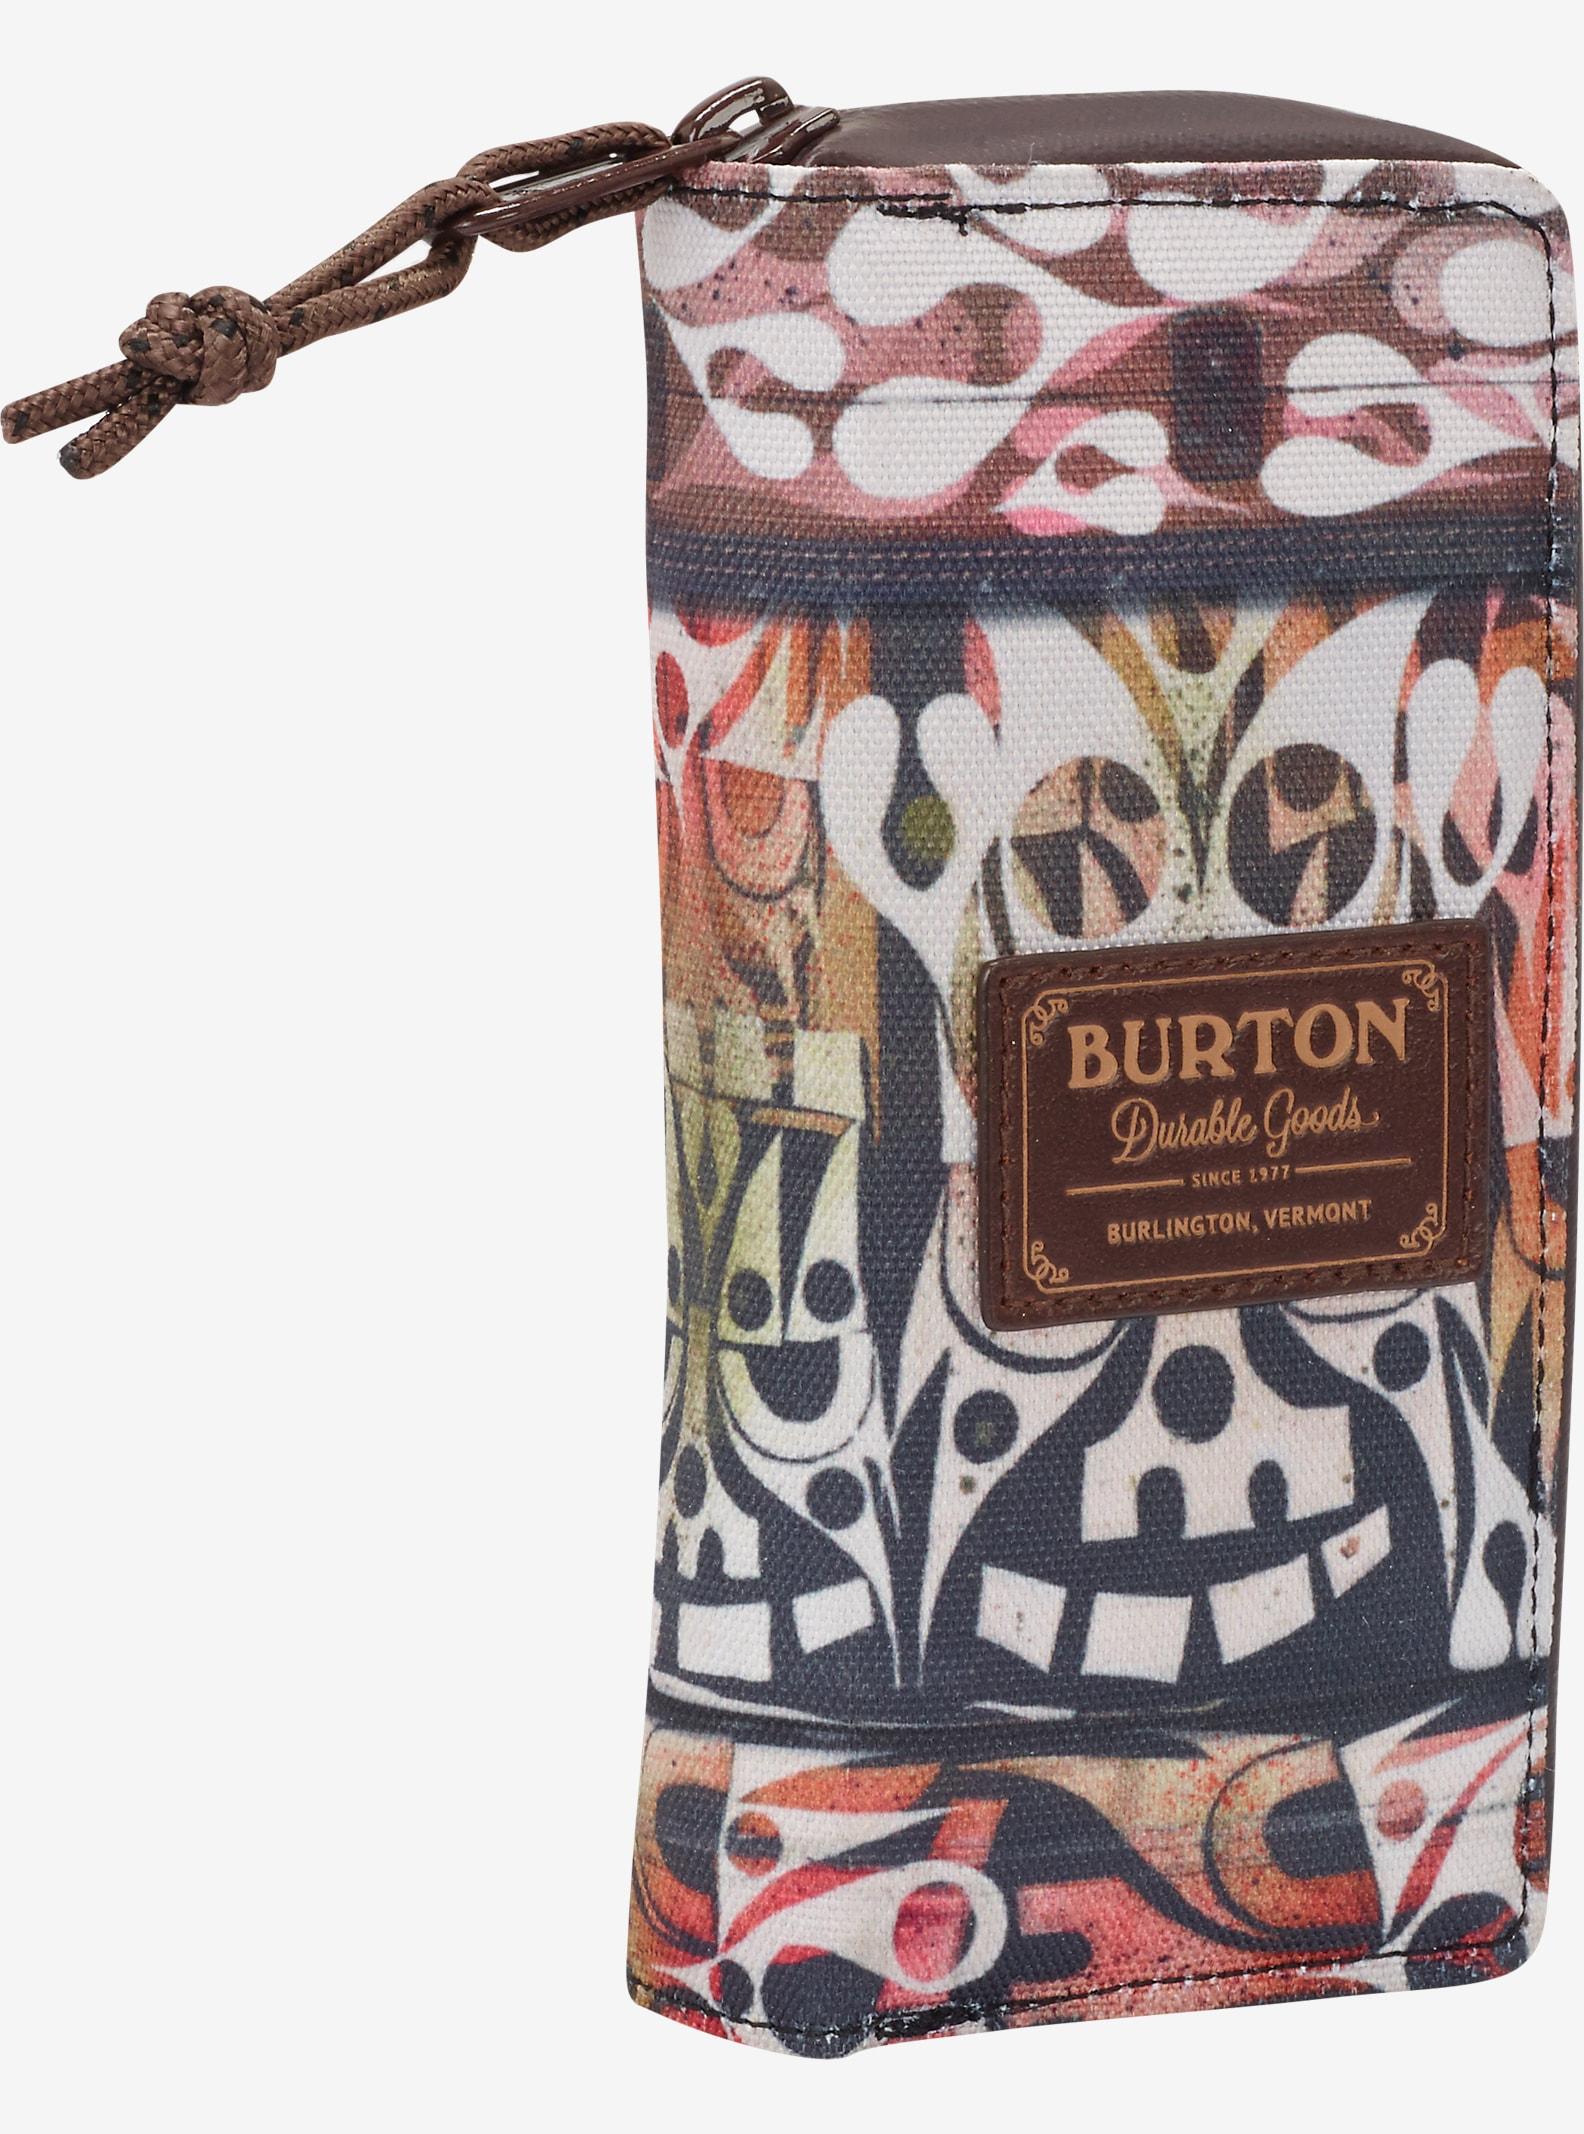 Phil Frost × G Pen × Burton G Pen Elite Kit shown in Phil Frost